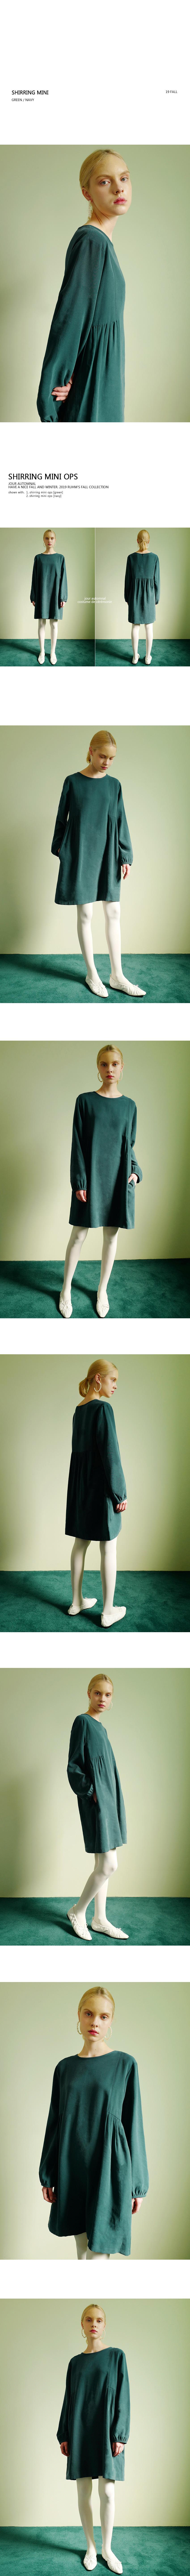 루흠(RUHM) 셔링 미니 원피스 - 네이비